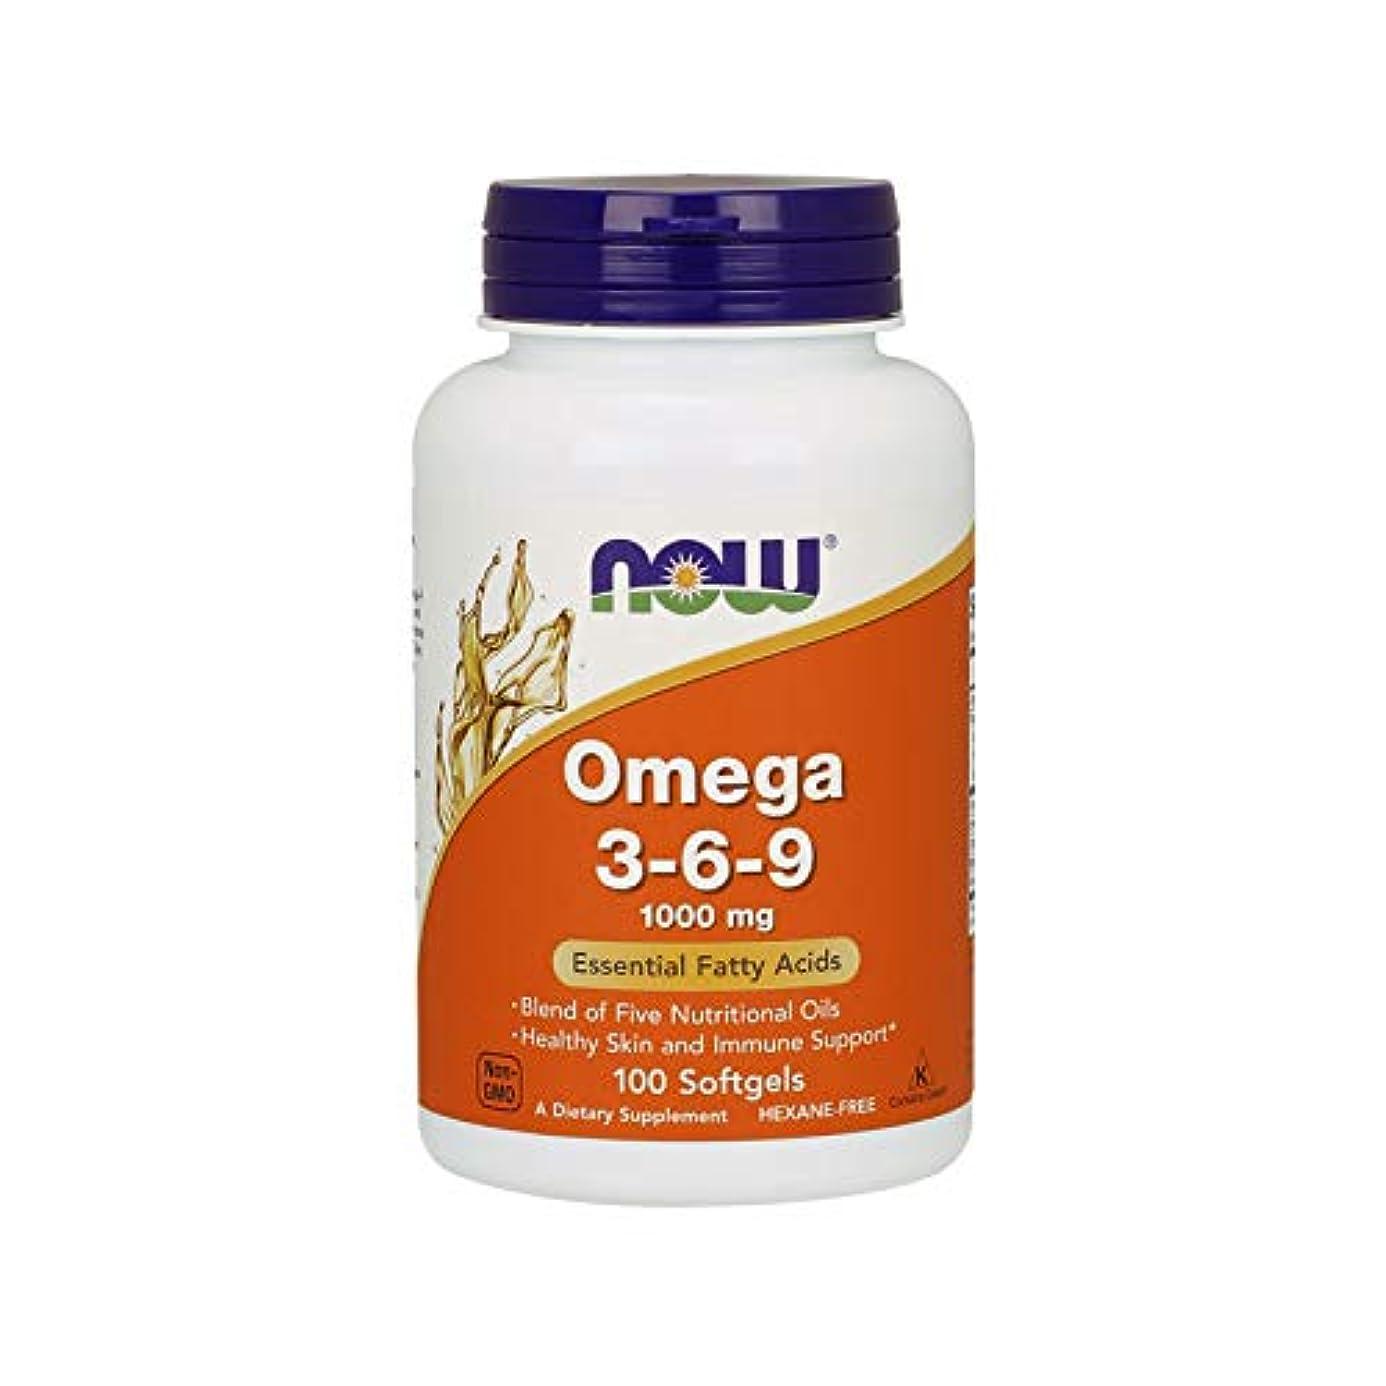 マークされた補償物足りない[海外直送品] ナウフーズ 植物性オメガ3?6?9脂肪酸 1000mg(必須脂肪酸ミックス)